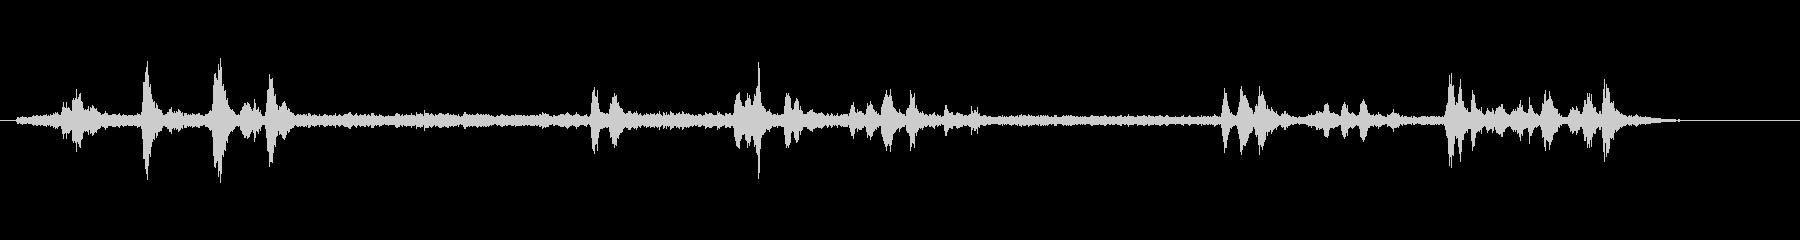 テレビ;音楽とアナウンサーによるゲ...の未再生の波形